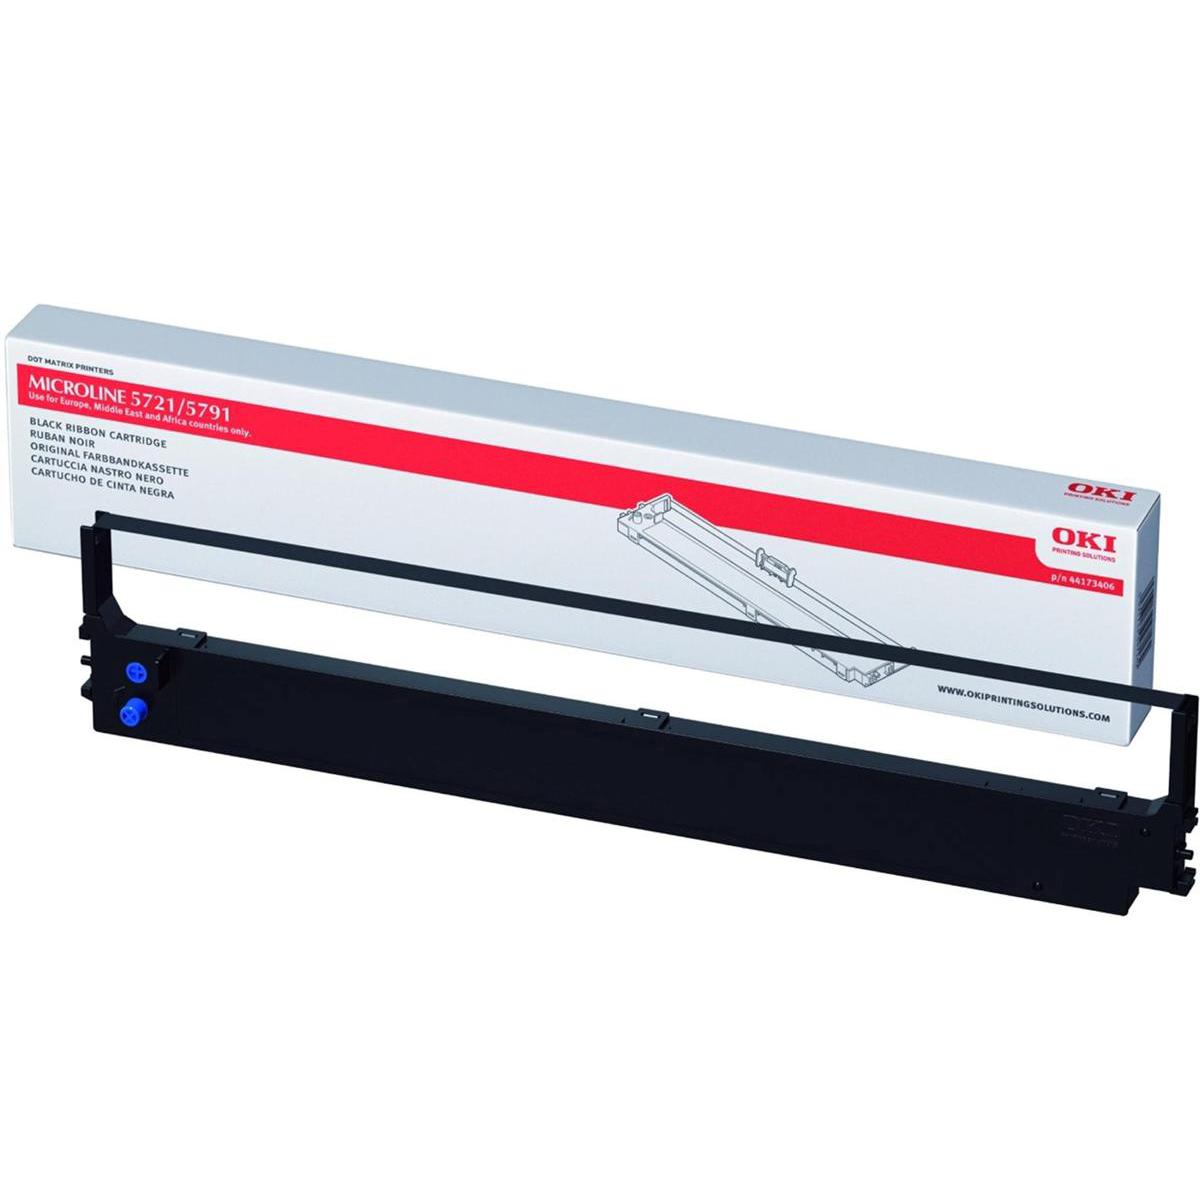 OKI Ribbon Cassette Black [for ML5721/5791] Ref 44173406